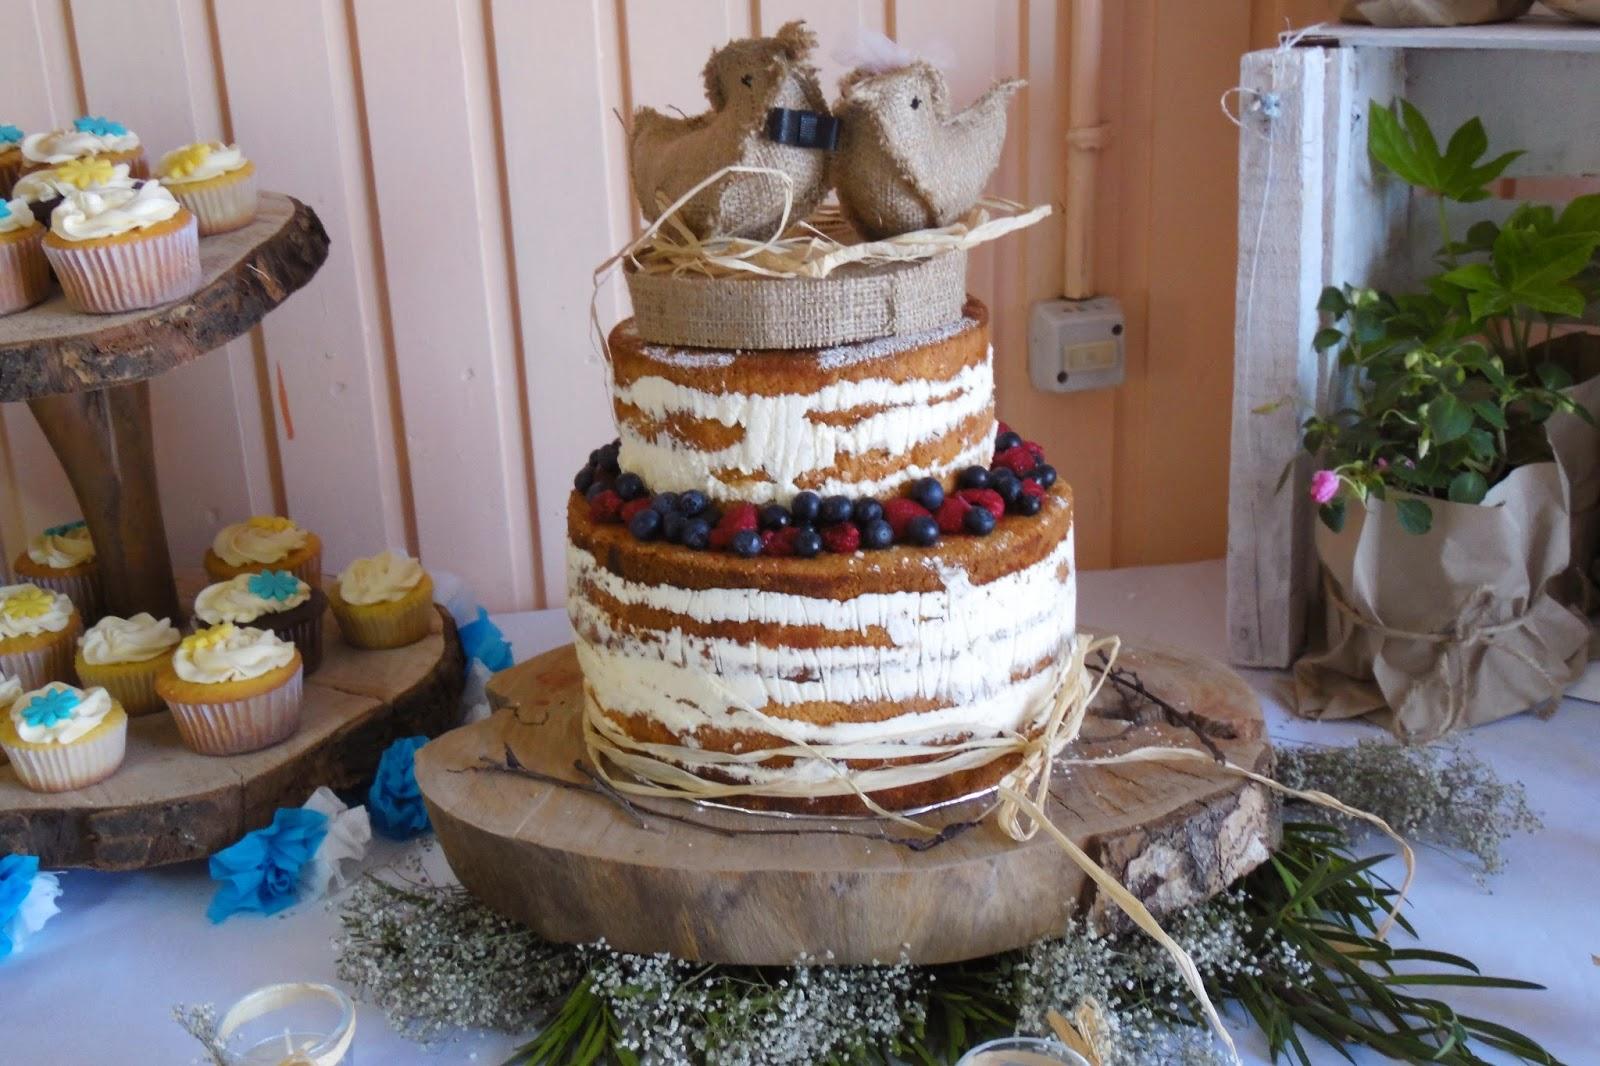 Cupcake delicias concepci n chile - Rustika decoracion ...